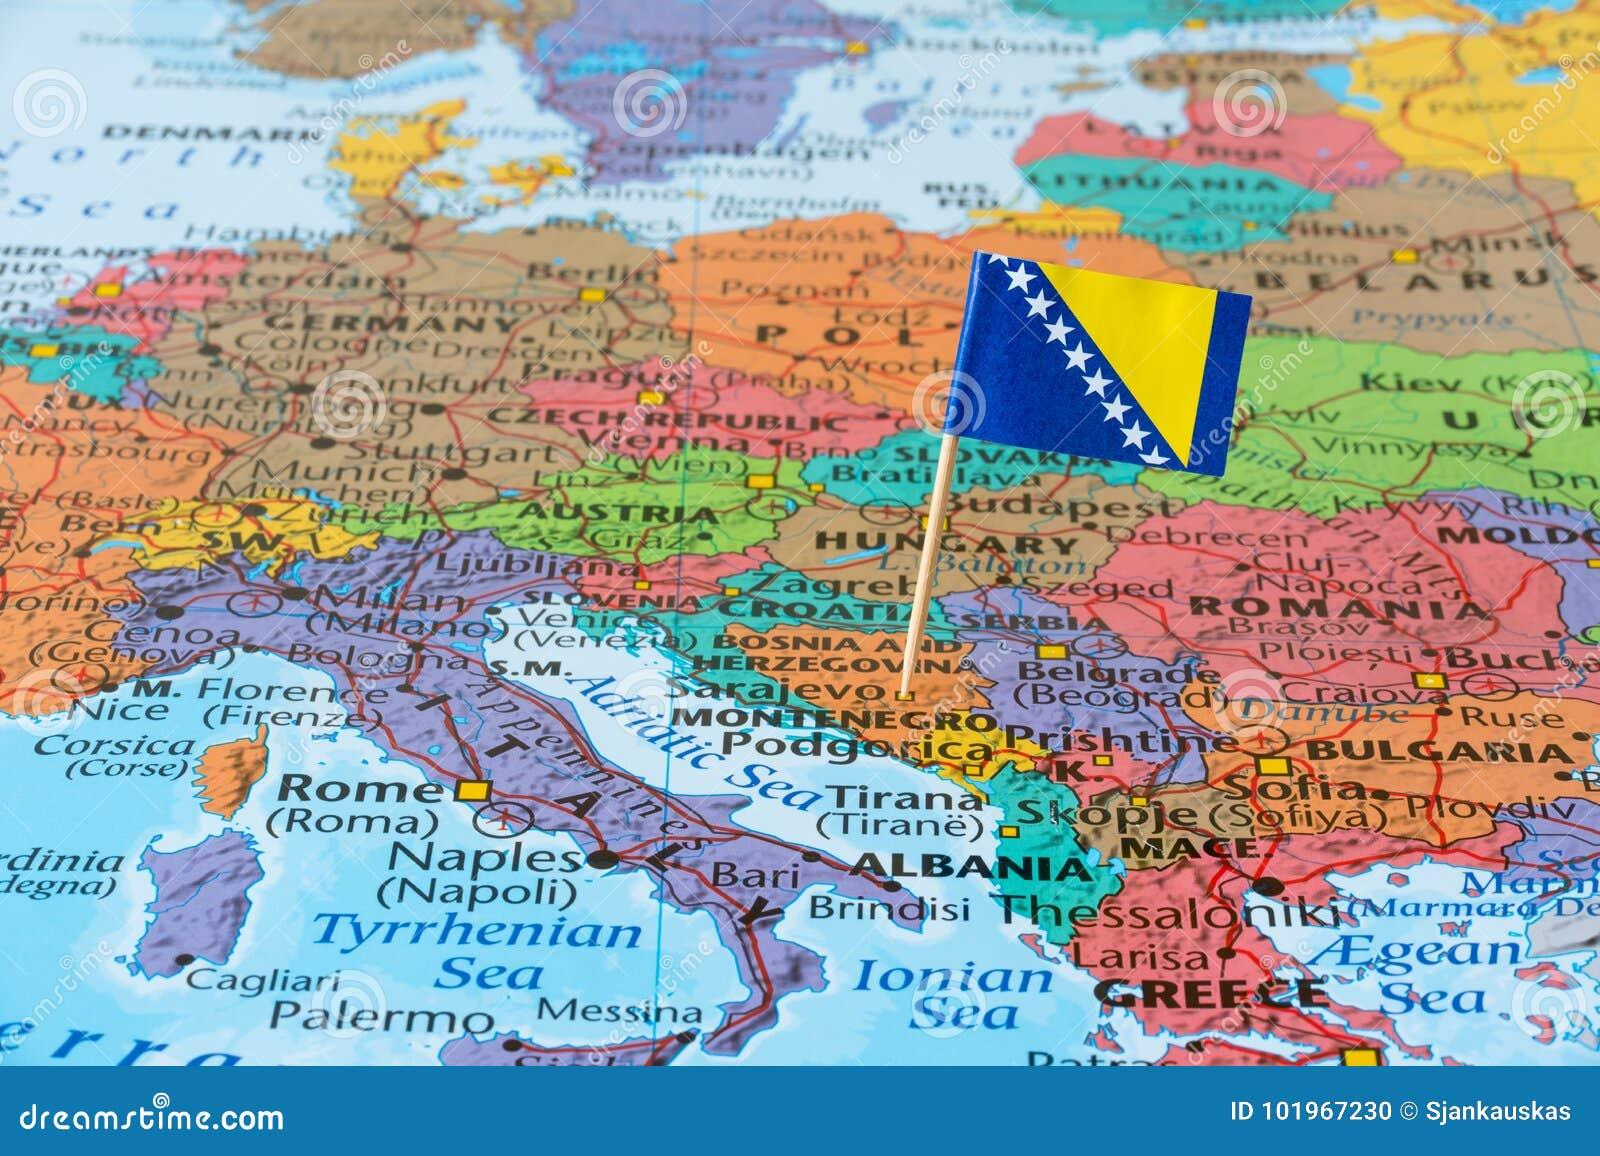 Bosnia and Herzegovina map stock photo. Image of area - 101967230